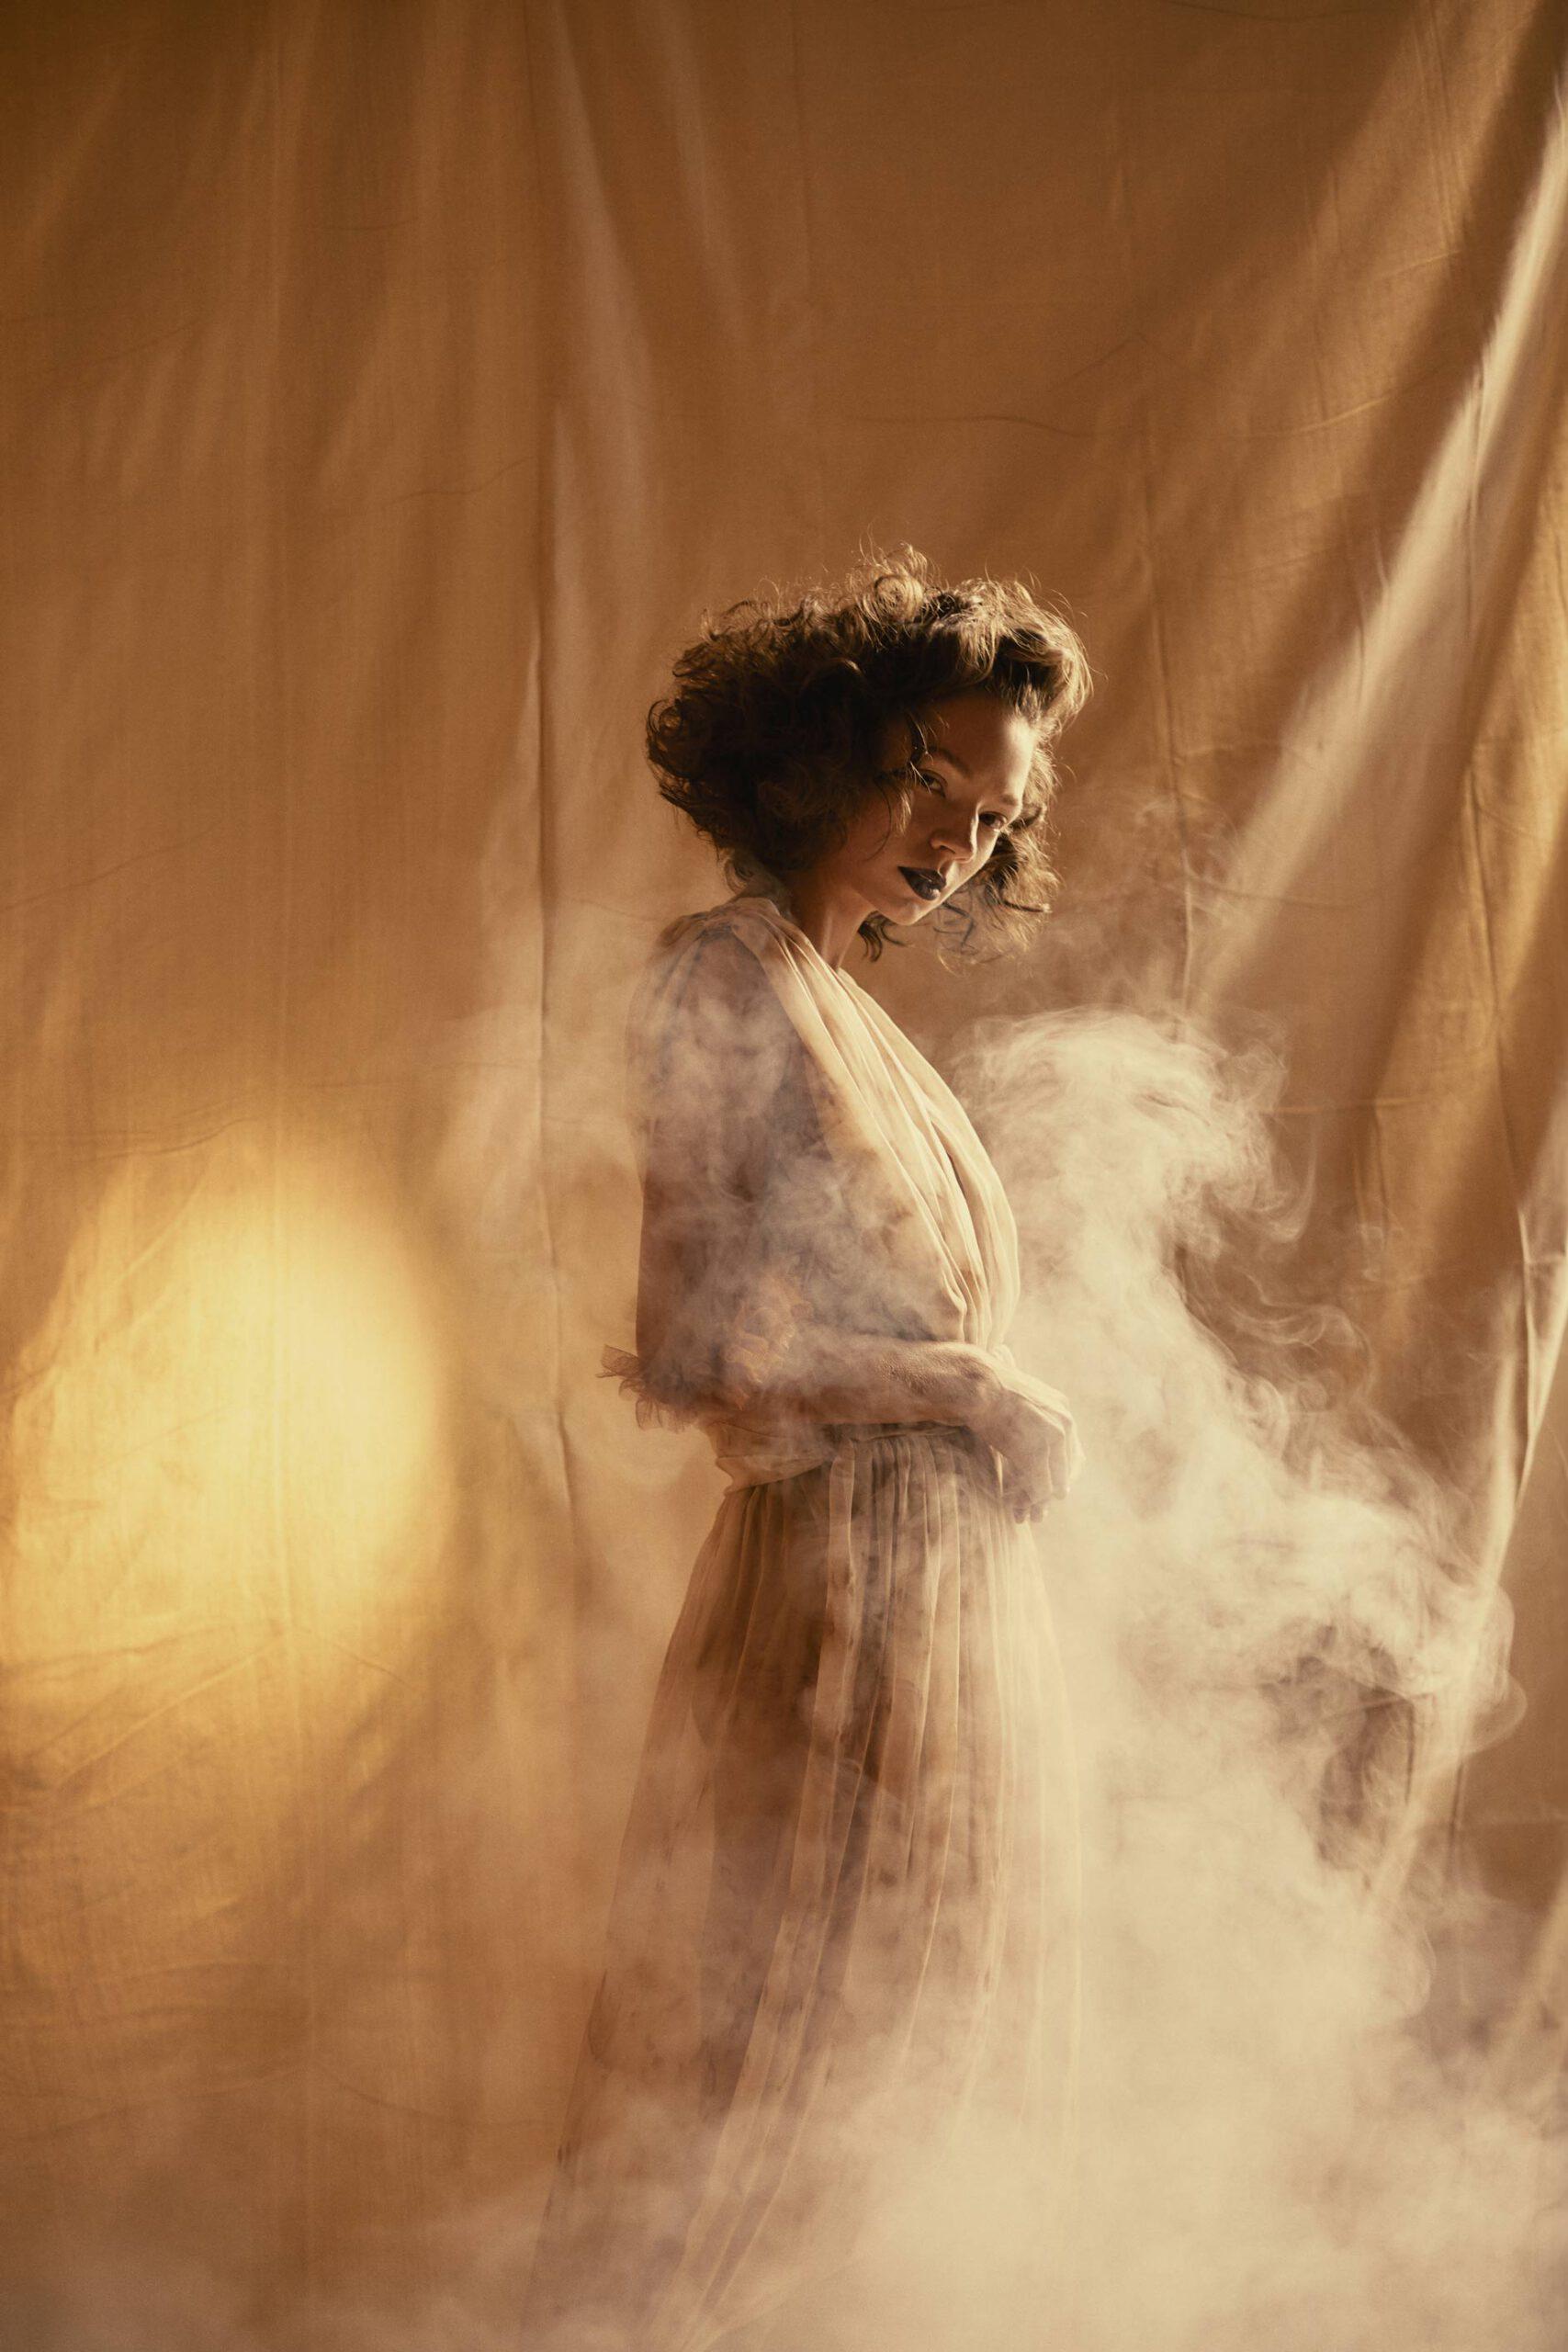 Dariane Sanche photographe professionnelle spécialisée en photographie artistique. Photo portrait en studio d'une mannequin dans la fumée.